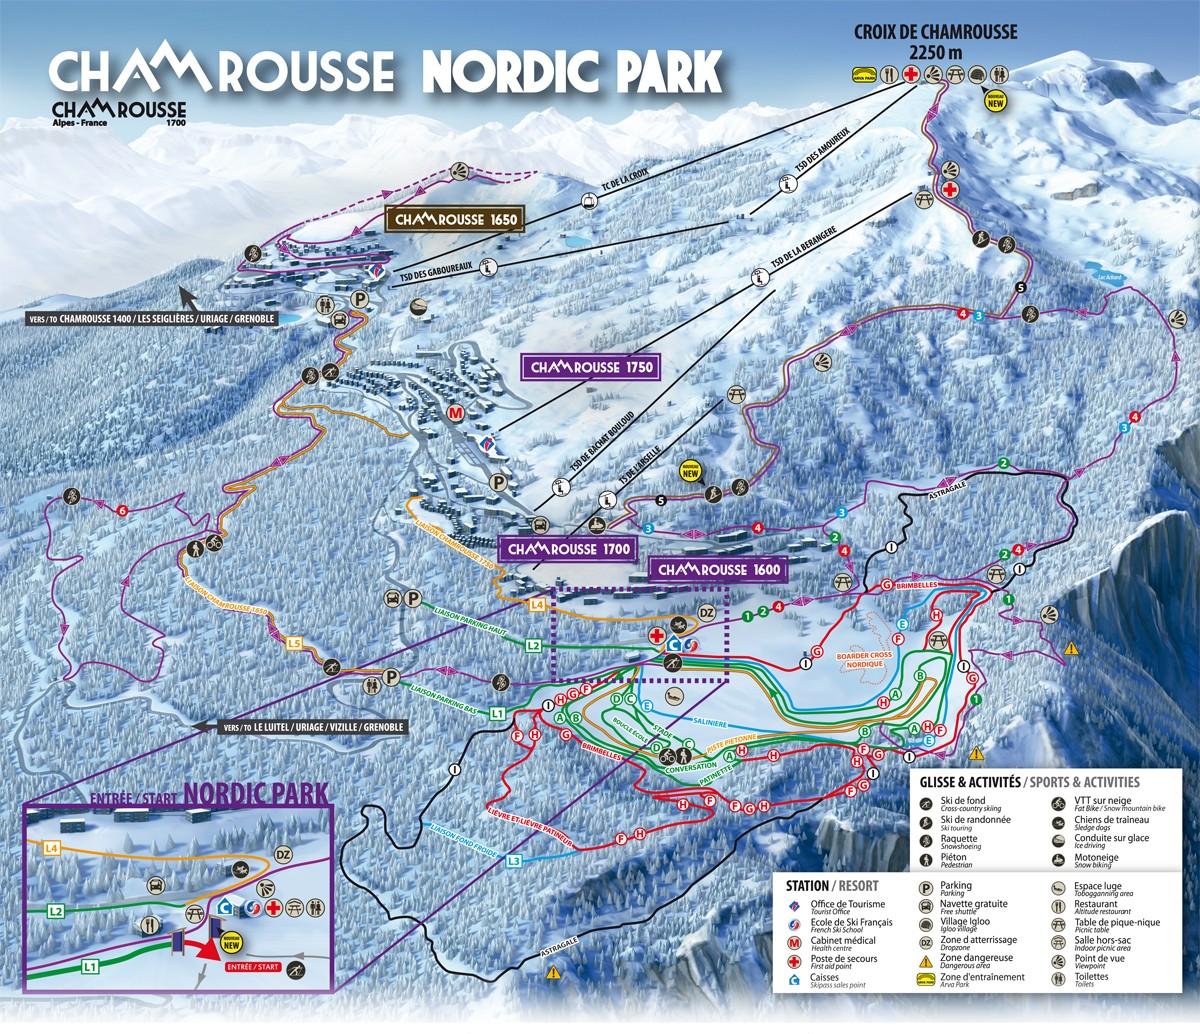 Plan des pistes nordique Chamrousse 2018